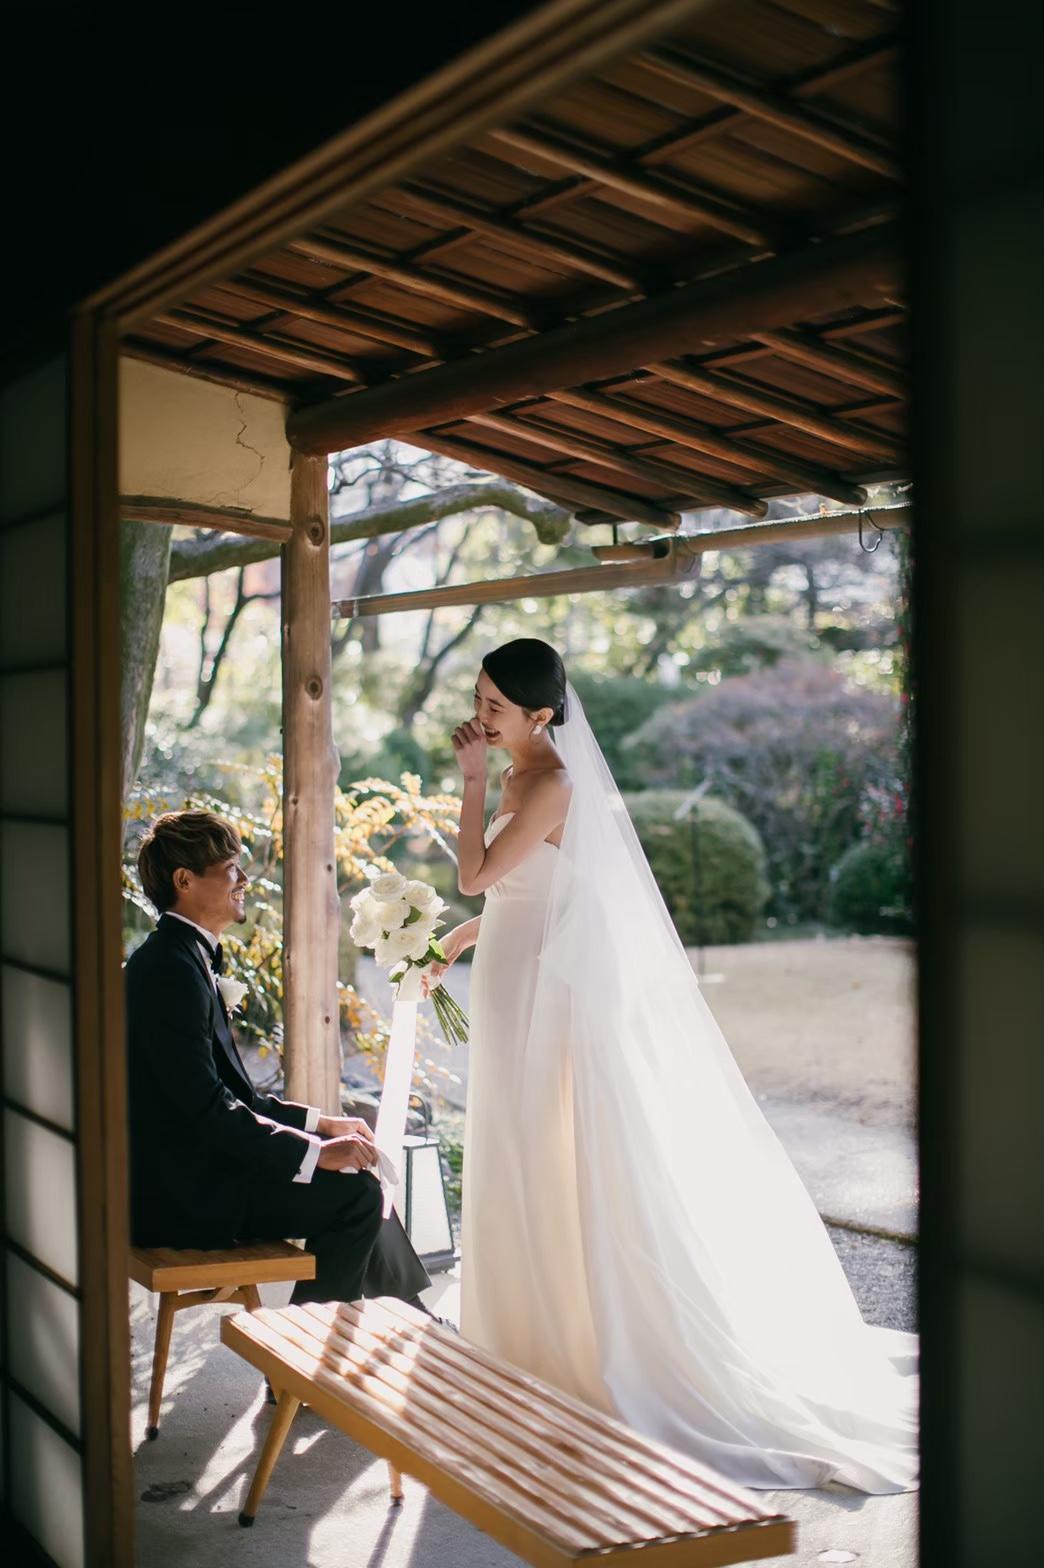 新郎新婦様らしい飾らないリラックスされたお姿でのお写真撮影は木の温もりが感んじられるお茶室にて。